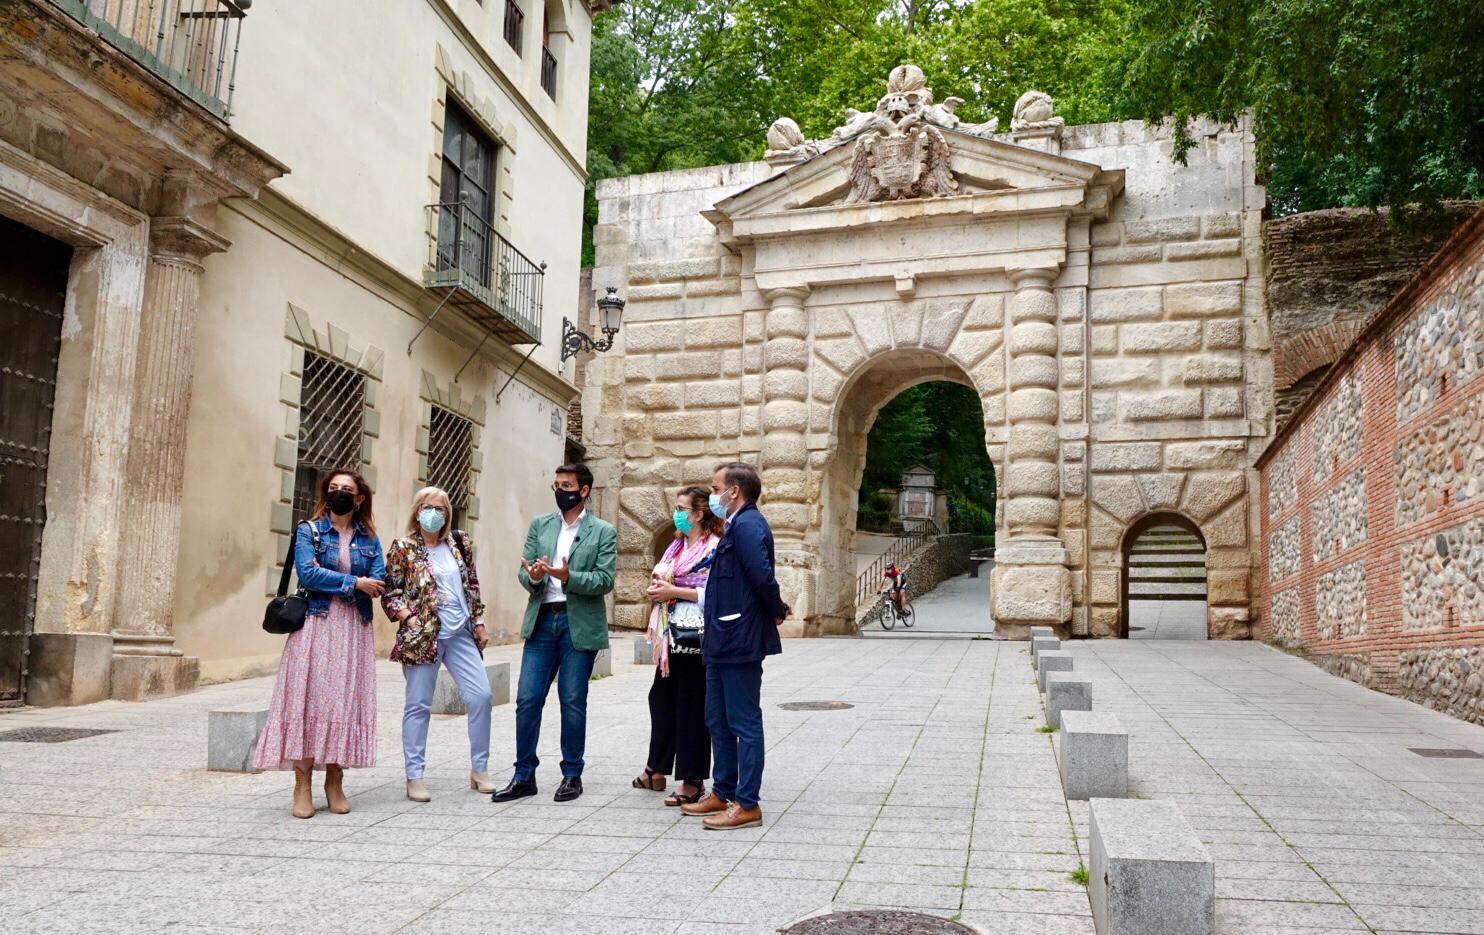 CUENCA ACUSA A LA JUNTA DE ARRASAR LAS CUENTAS DE LA ALHAMBRA Y EXIGE QUE SE INVIERTAN LOS 27 MILLONES COMPROMETIDOS PARA GRANADA Cuenca-y-concejales-de-la-formacion-en-una-de-las-puertas-de-la-Alhambra